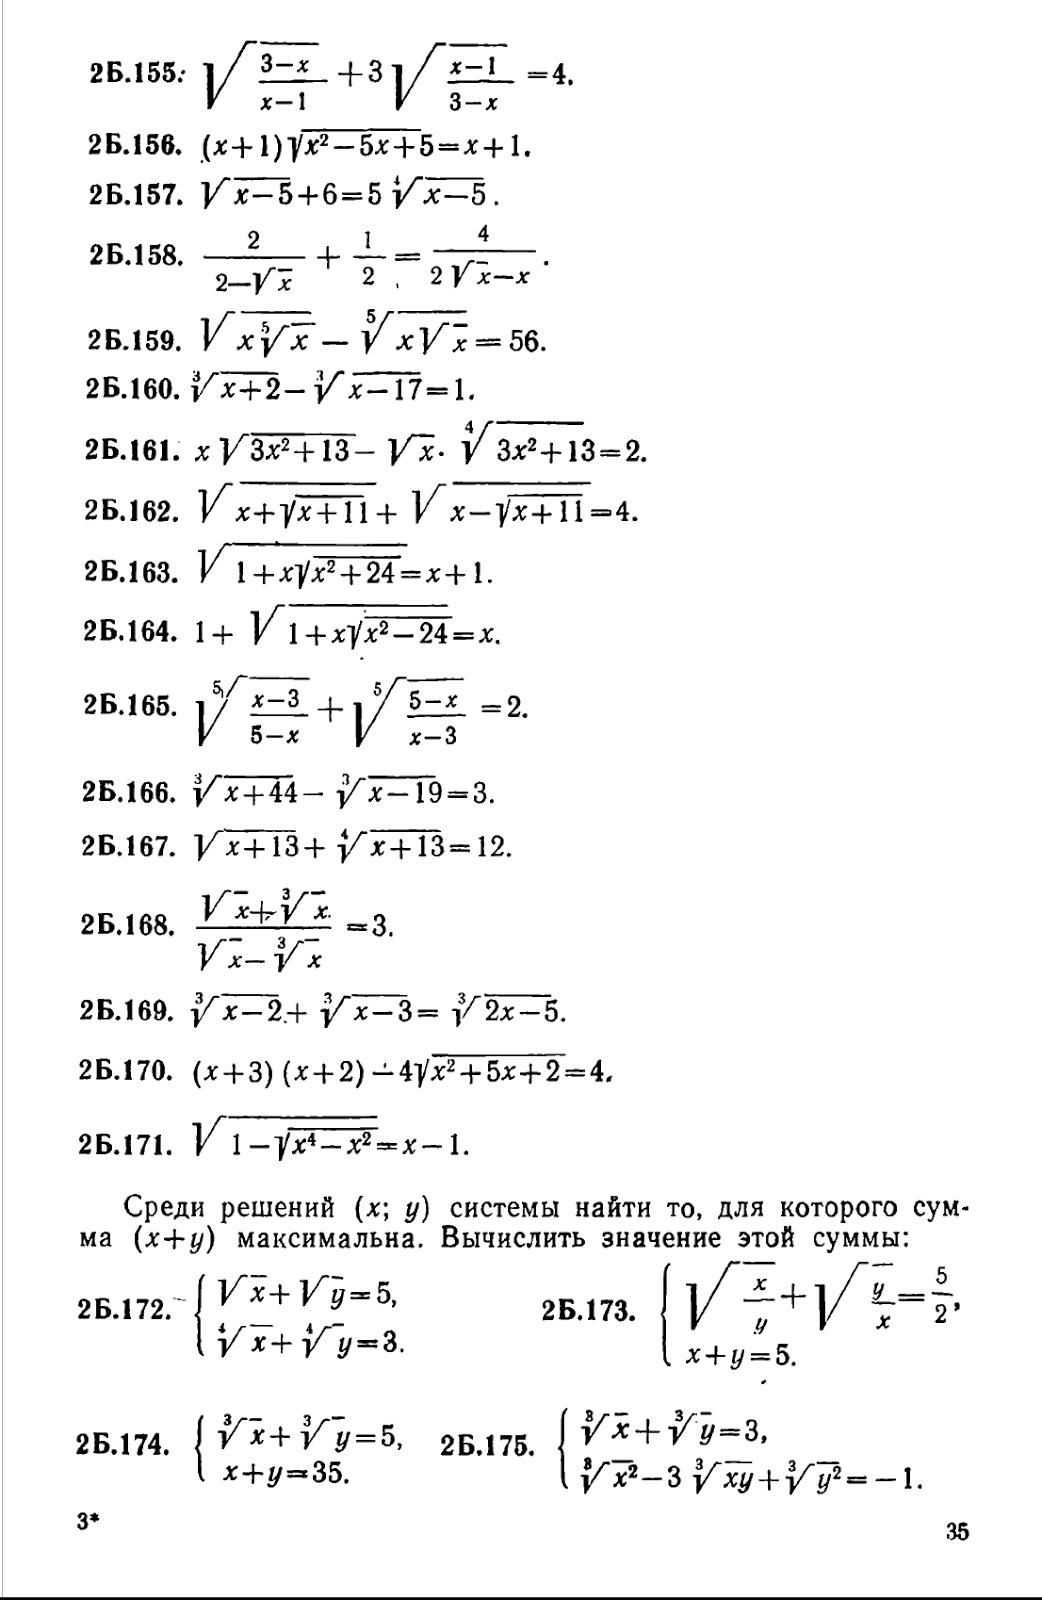 Решебник система тренировочных задач и упражнений по математике симонов